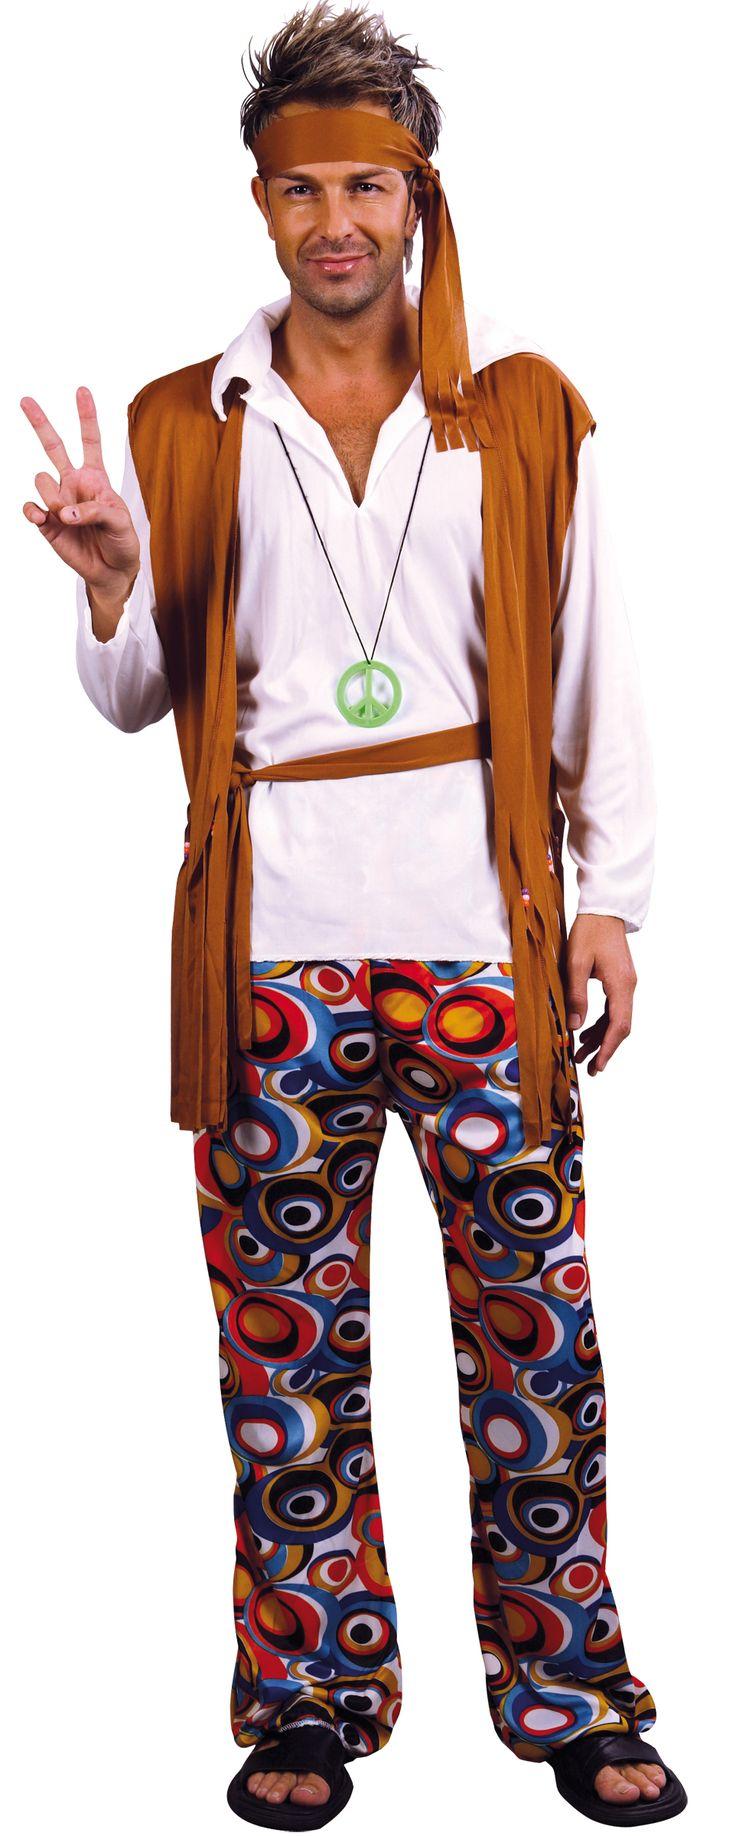 Hippie-Kostüm für Herren: Dieses Hippie-Kostüm für Herren besteht aus einem Hemd mit einer Weste, einer Hose, einem Gürtel und einem Stirnband (Halskette und Sandalen nicht inbegriffen). Die Weste ist auf das...